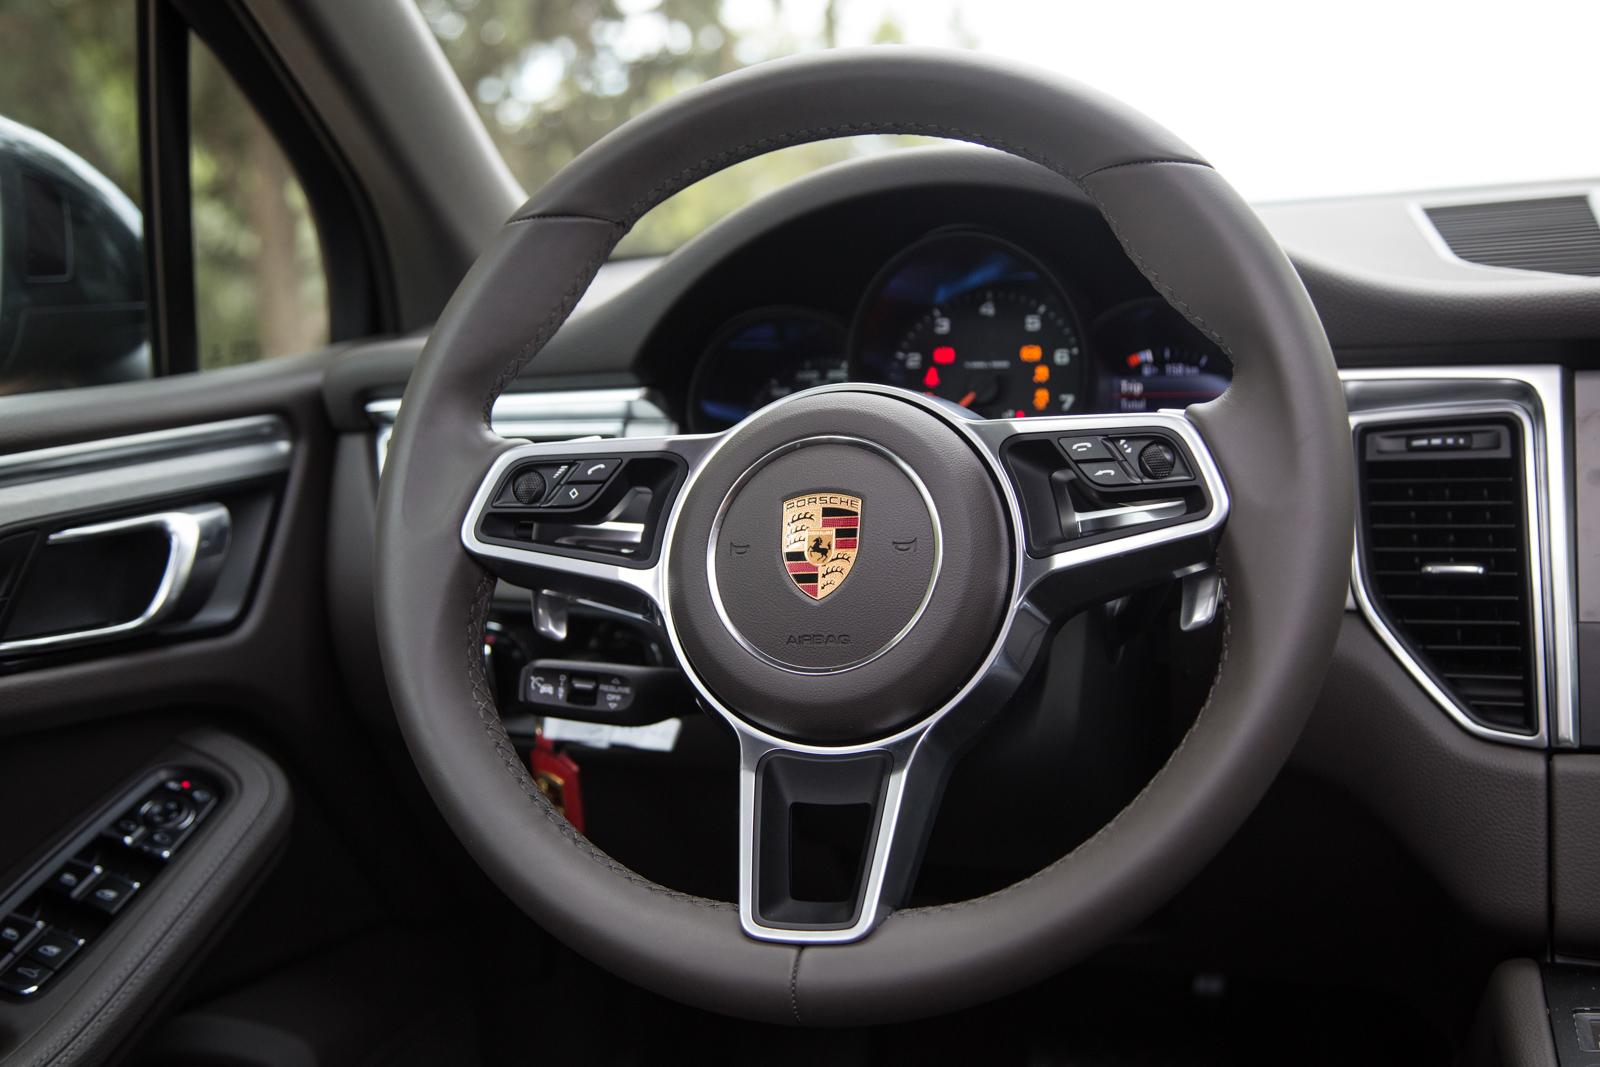 Test_Drive_Porsche_Macan_61